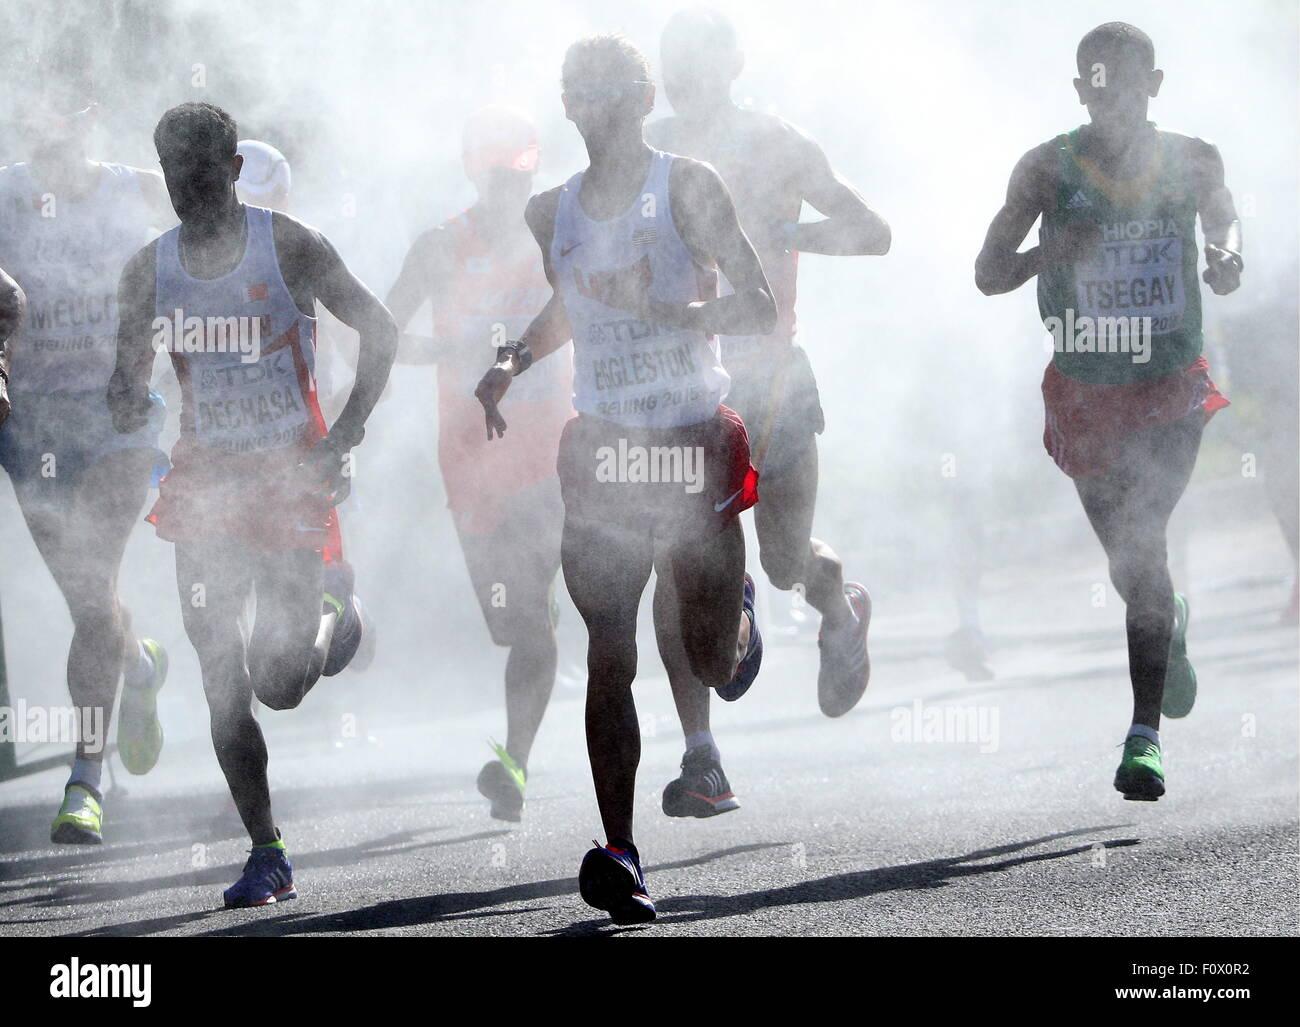 Peking, China. 22. August 2015. Athleten kämpfen im Marathon bei den 15. Weltmeisterschaften in der Leichtathletik. Stockbild